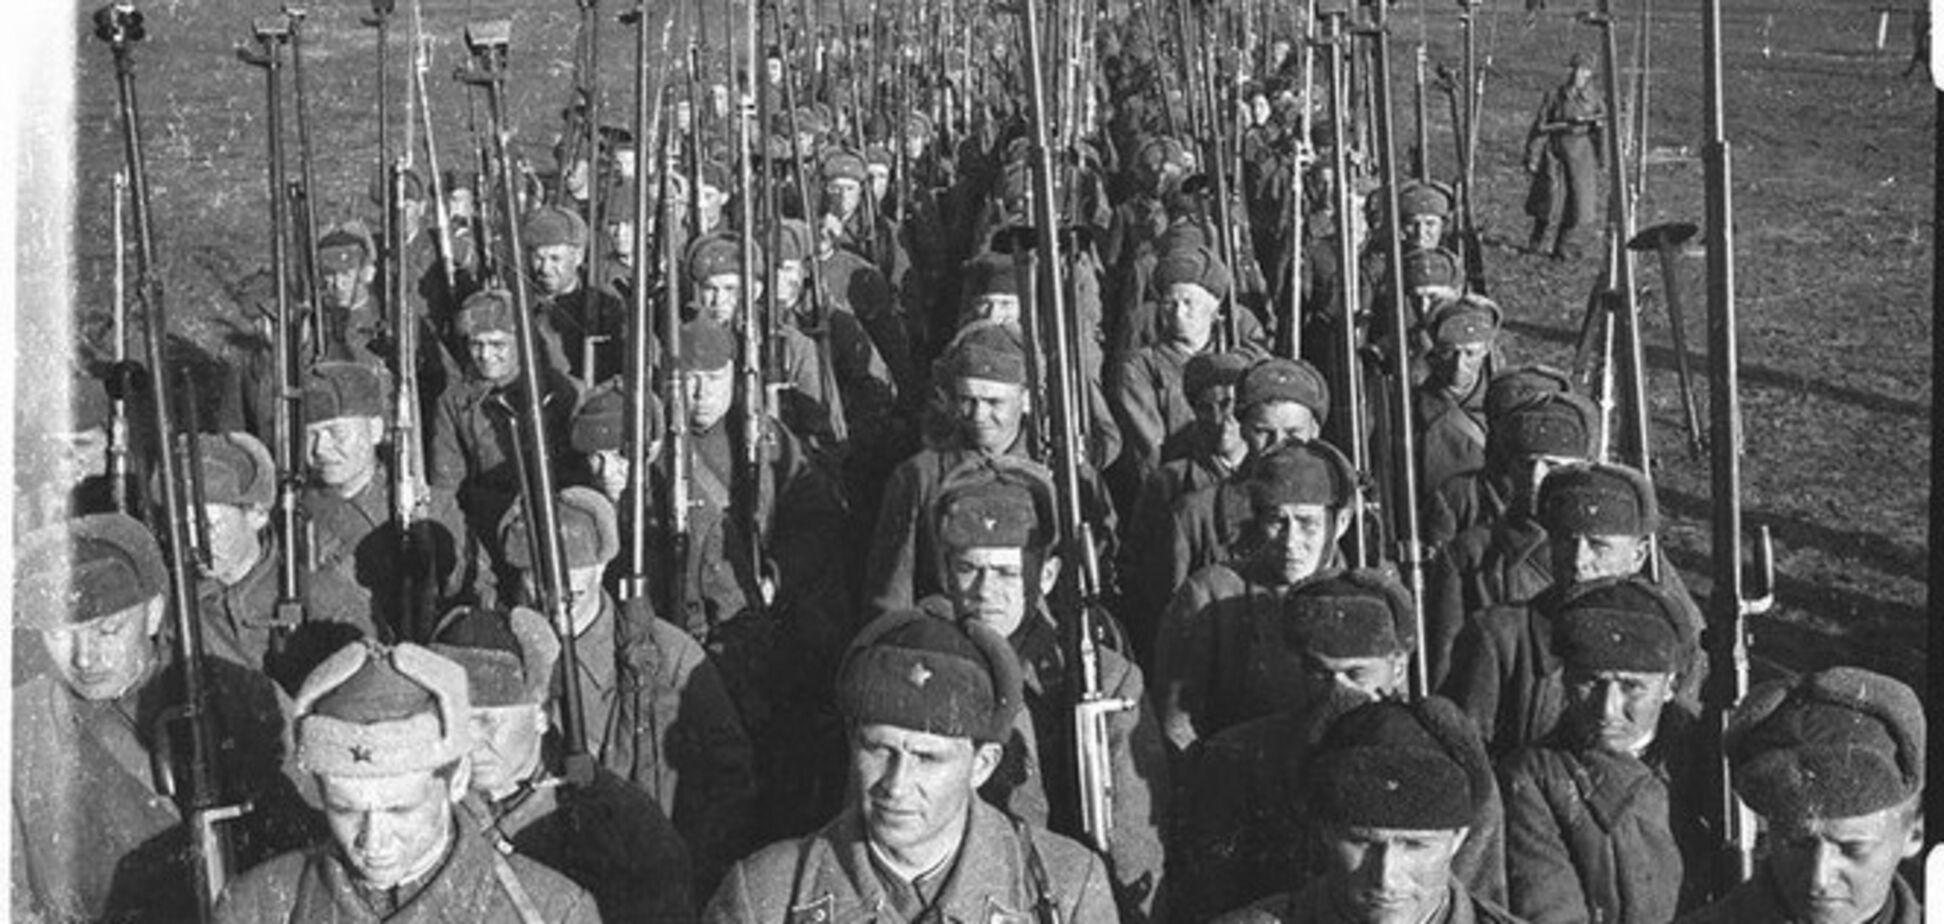 Как живых в мертвые записали: число погибших во Второй мировой завысили